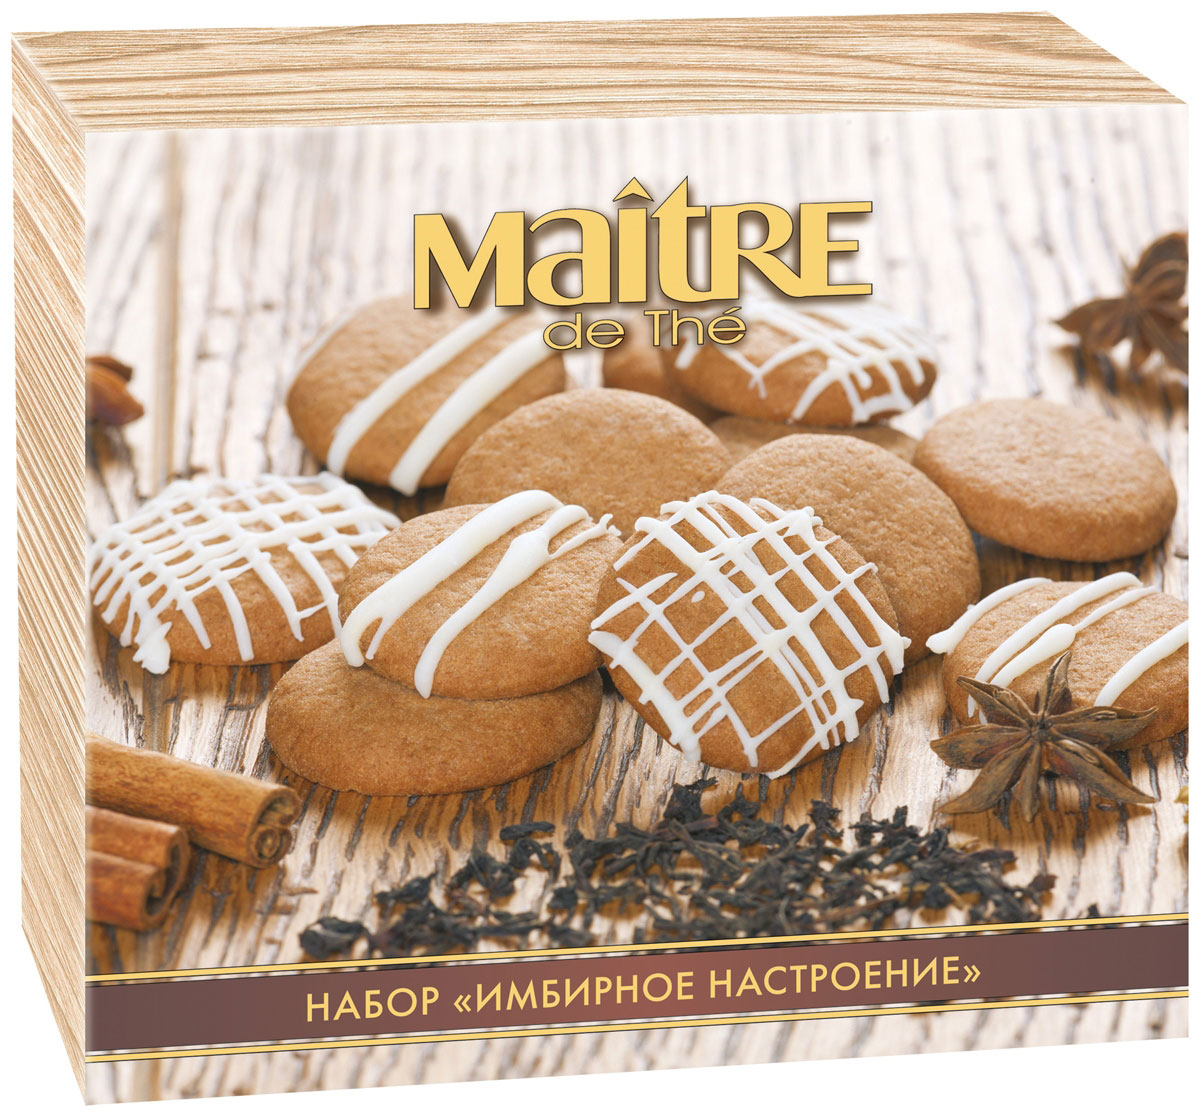 Maitre Имбирное настроение черный листовой чай, 61 г101246Подарочный набор в картонной коробке, в индивидуальной упаковке Имбирное печенье и листовой черный чай из коллекции Maitre de The «Кения»